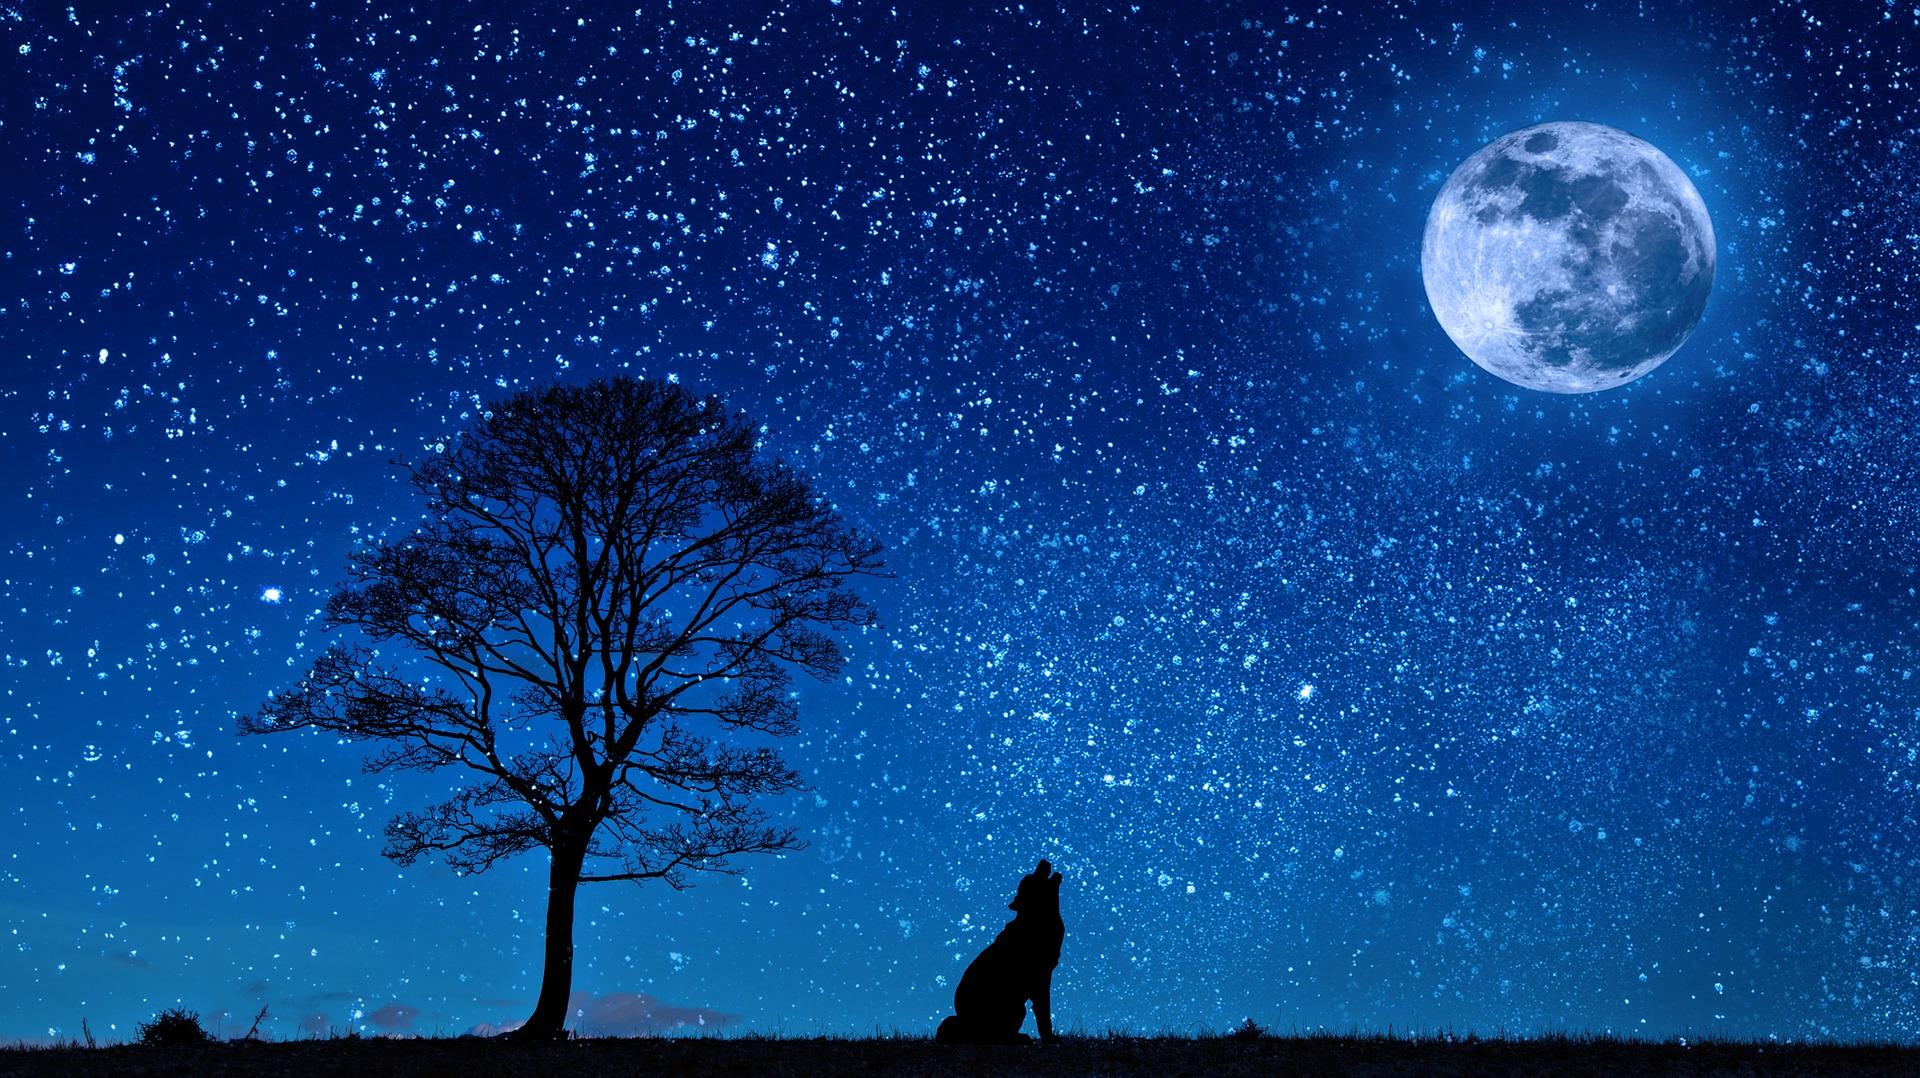 вой волка на луну